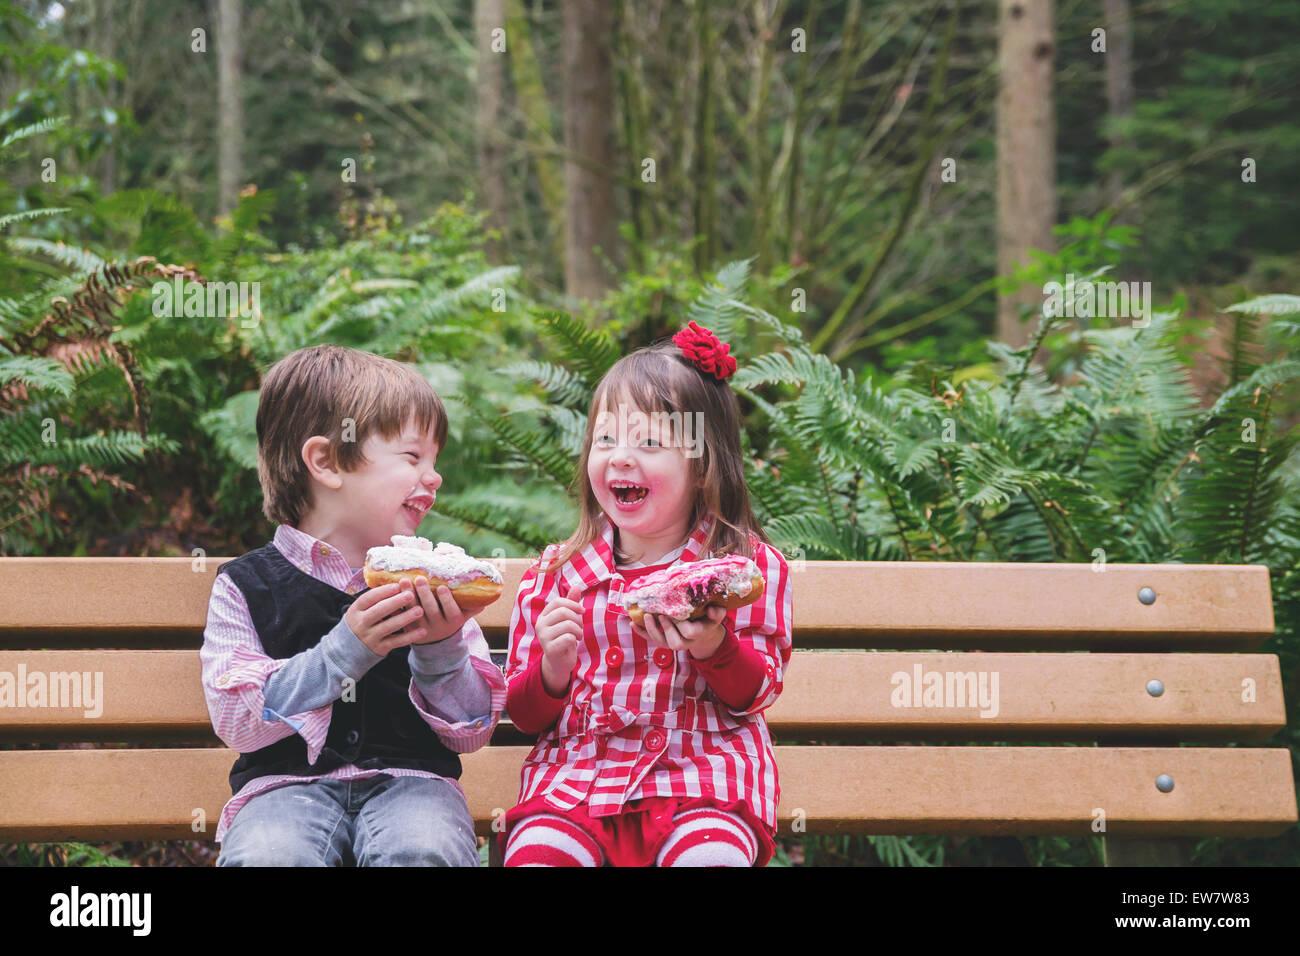 Zwei Kinder sitzen auf einer Bank Lachen und Essen donuts Stockbild